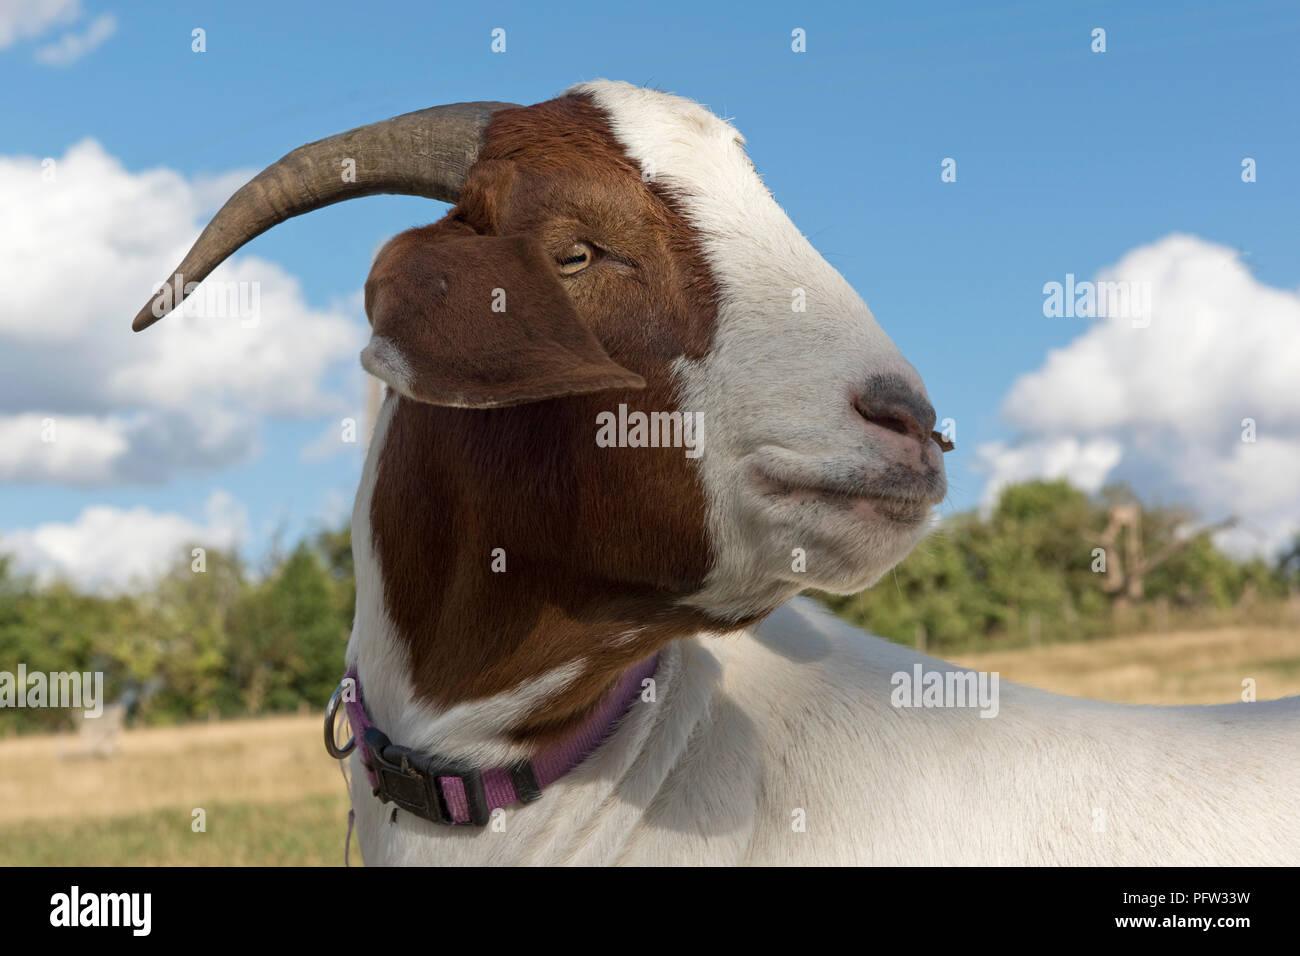 Chef d'un 'castré dit s' chèvre Boer animal avec un collier violet et bonne cornes, Berkshire, Août Photo Stock